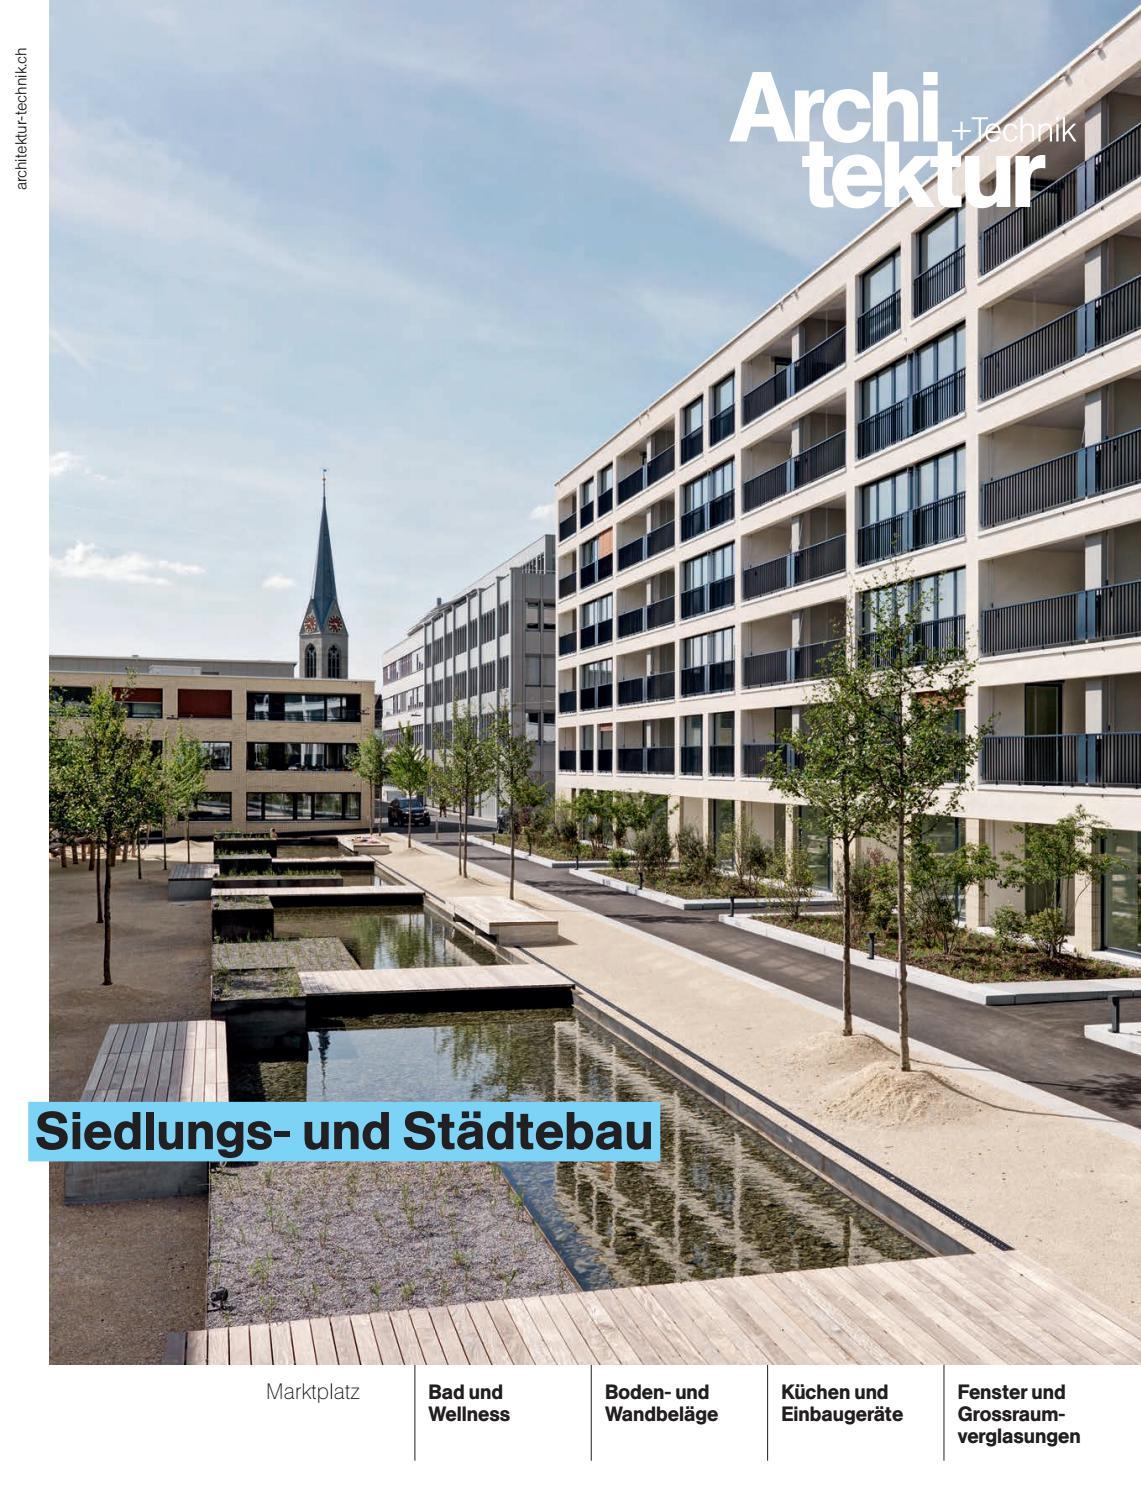 Spritzschutz Kche Ziegel Landhaus Kche Glasrckwand Wandfarbe Wei Arbeitsplatte Granit